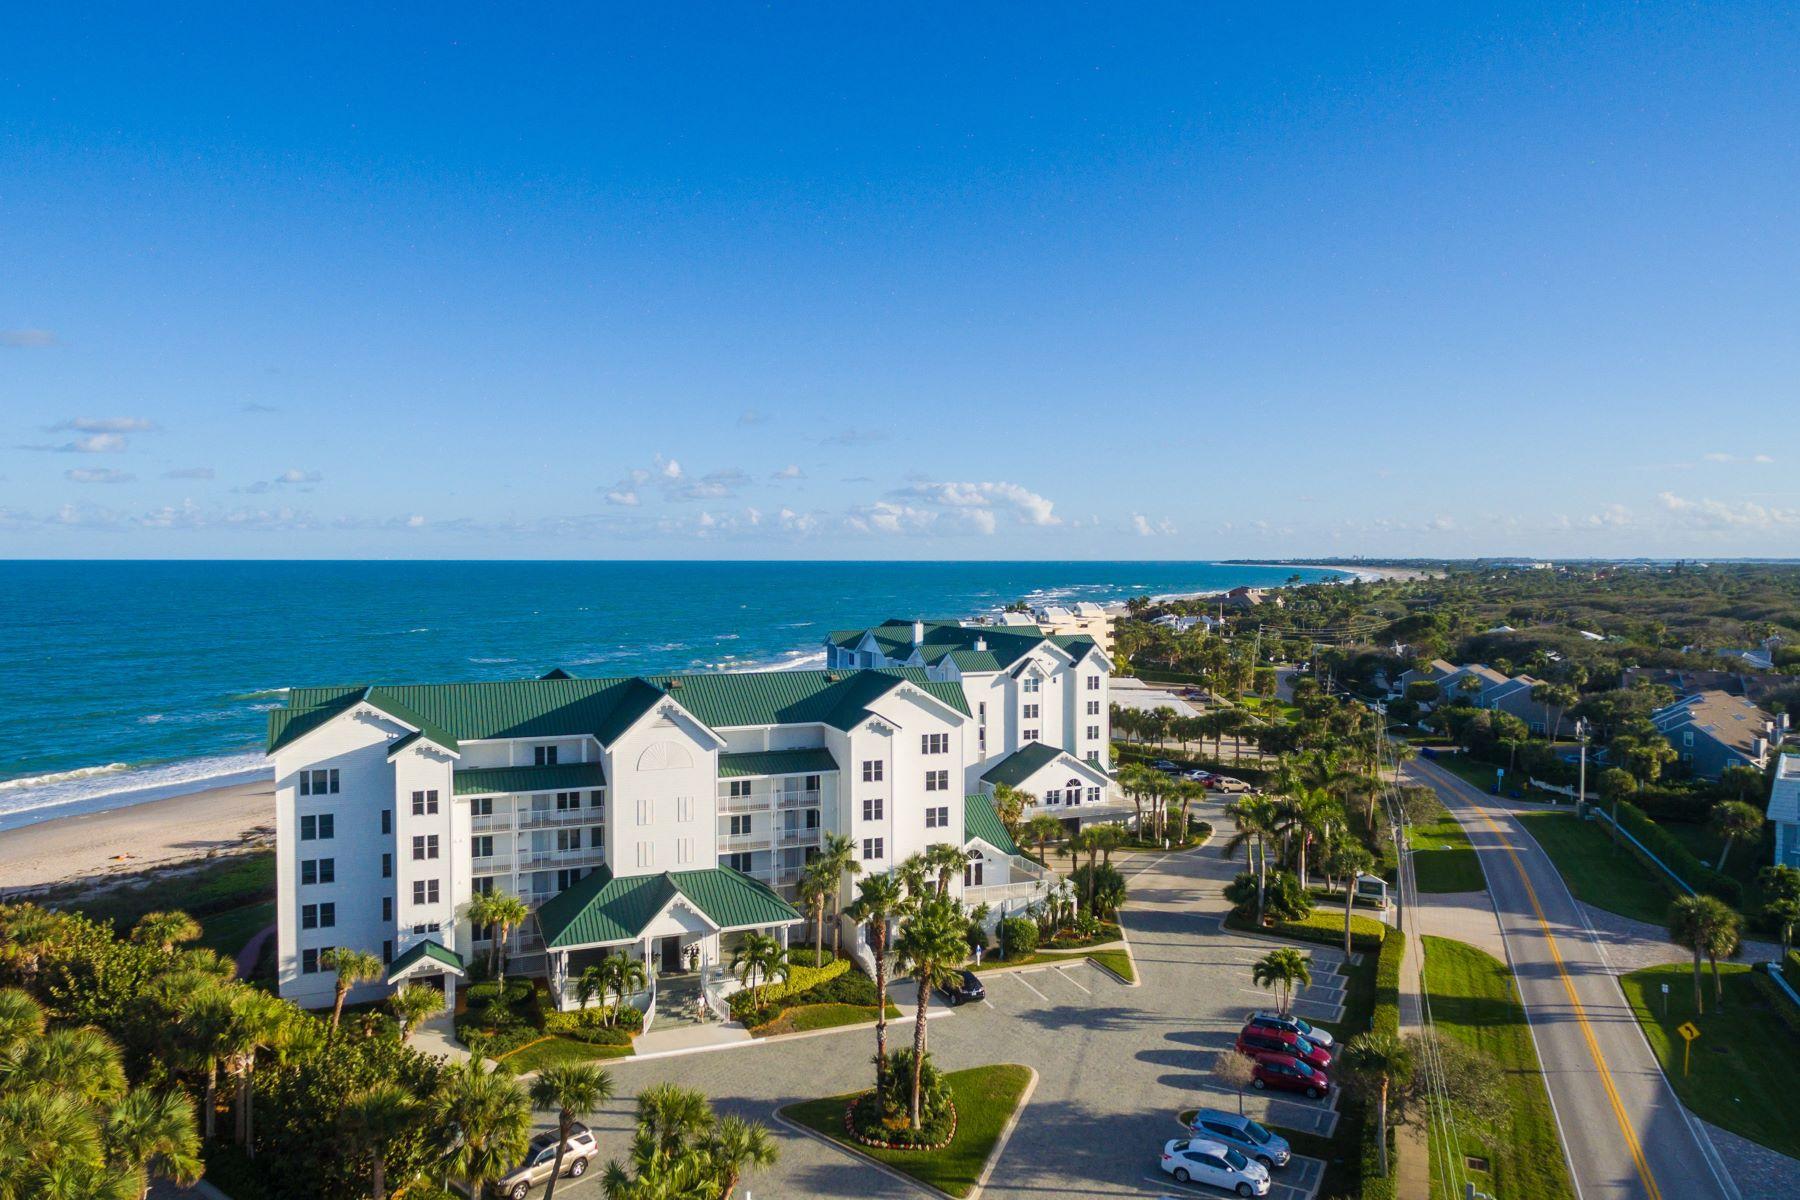 2700 Ocean Drive, #206, Vero Beach, FL 2700 Ocean Drive, 206 Vero Beach, Florida 32963 Estados Unidos